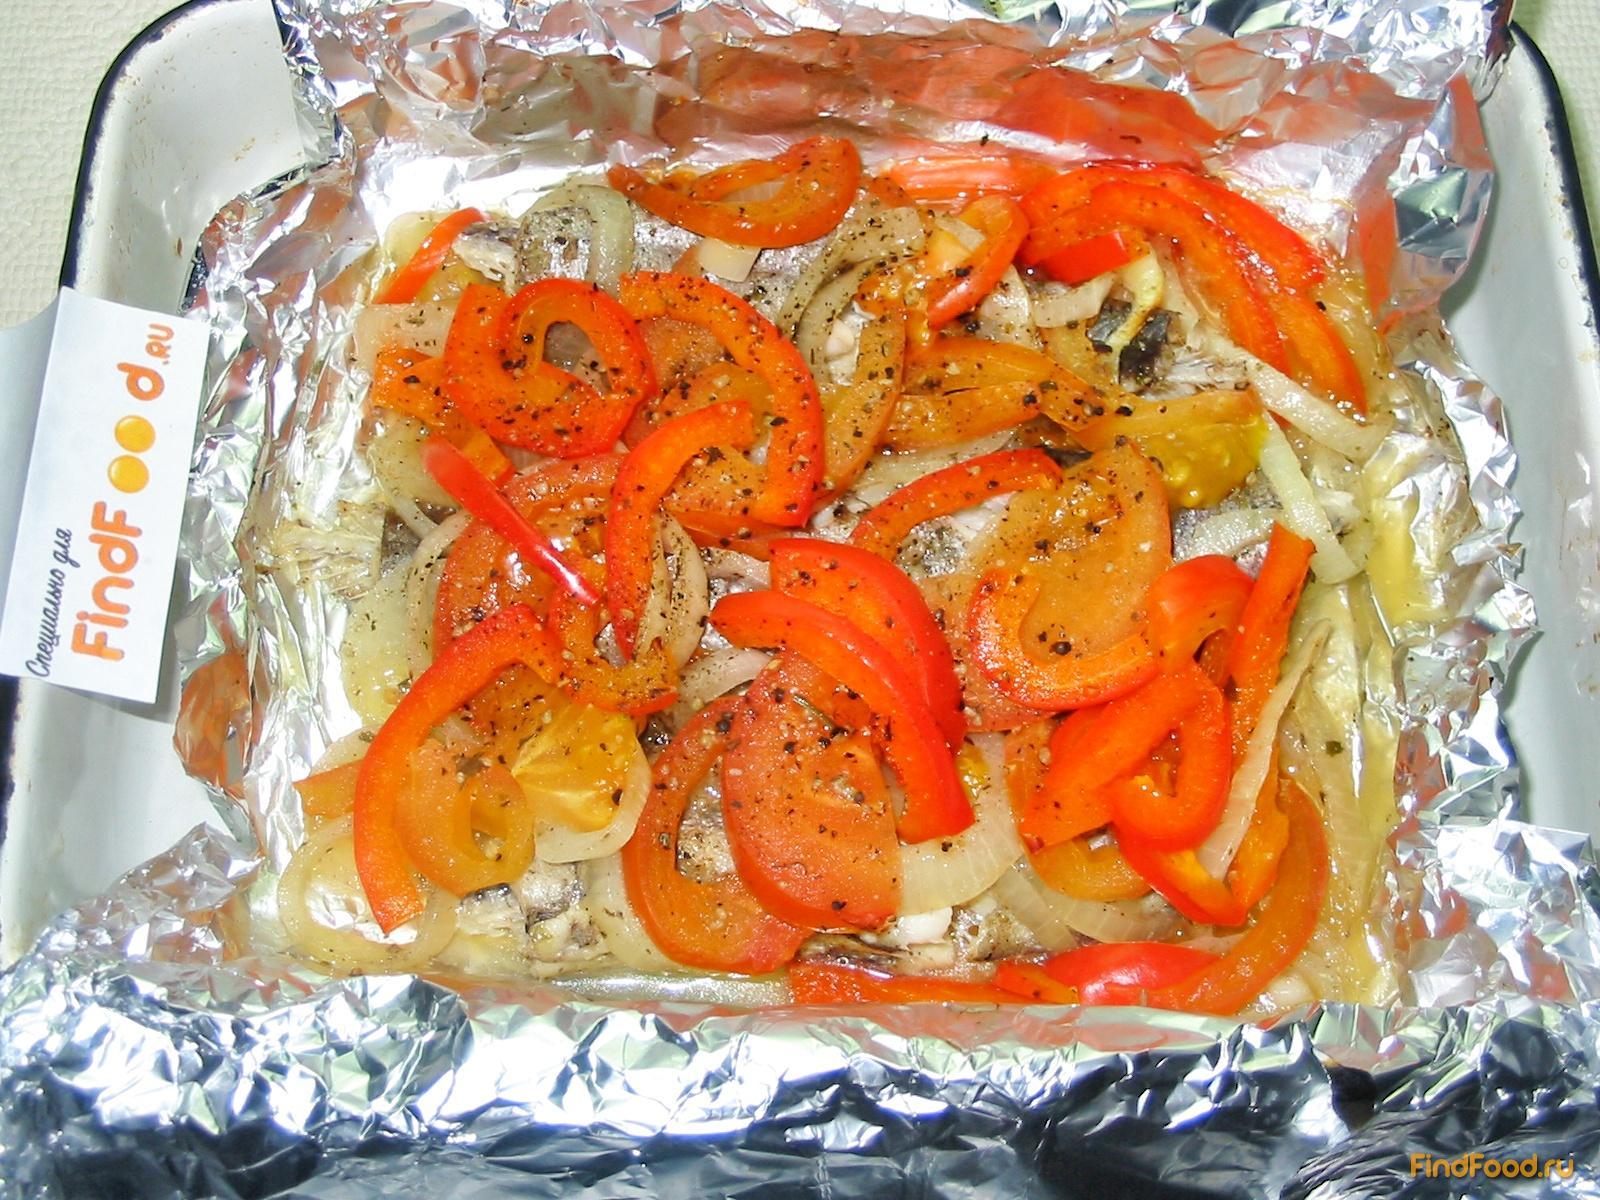 Рецепт горбуши запеченной в духовке в фольге пошагово